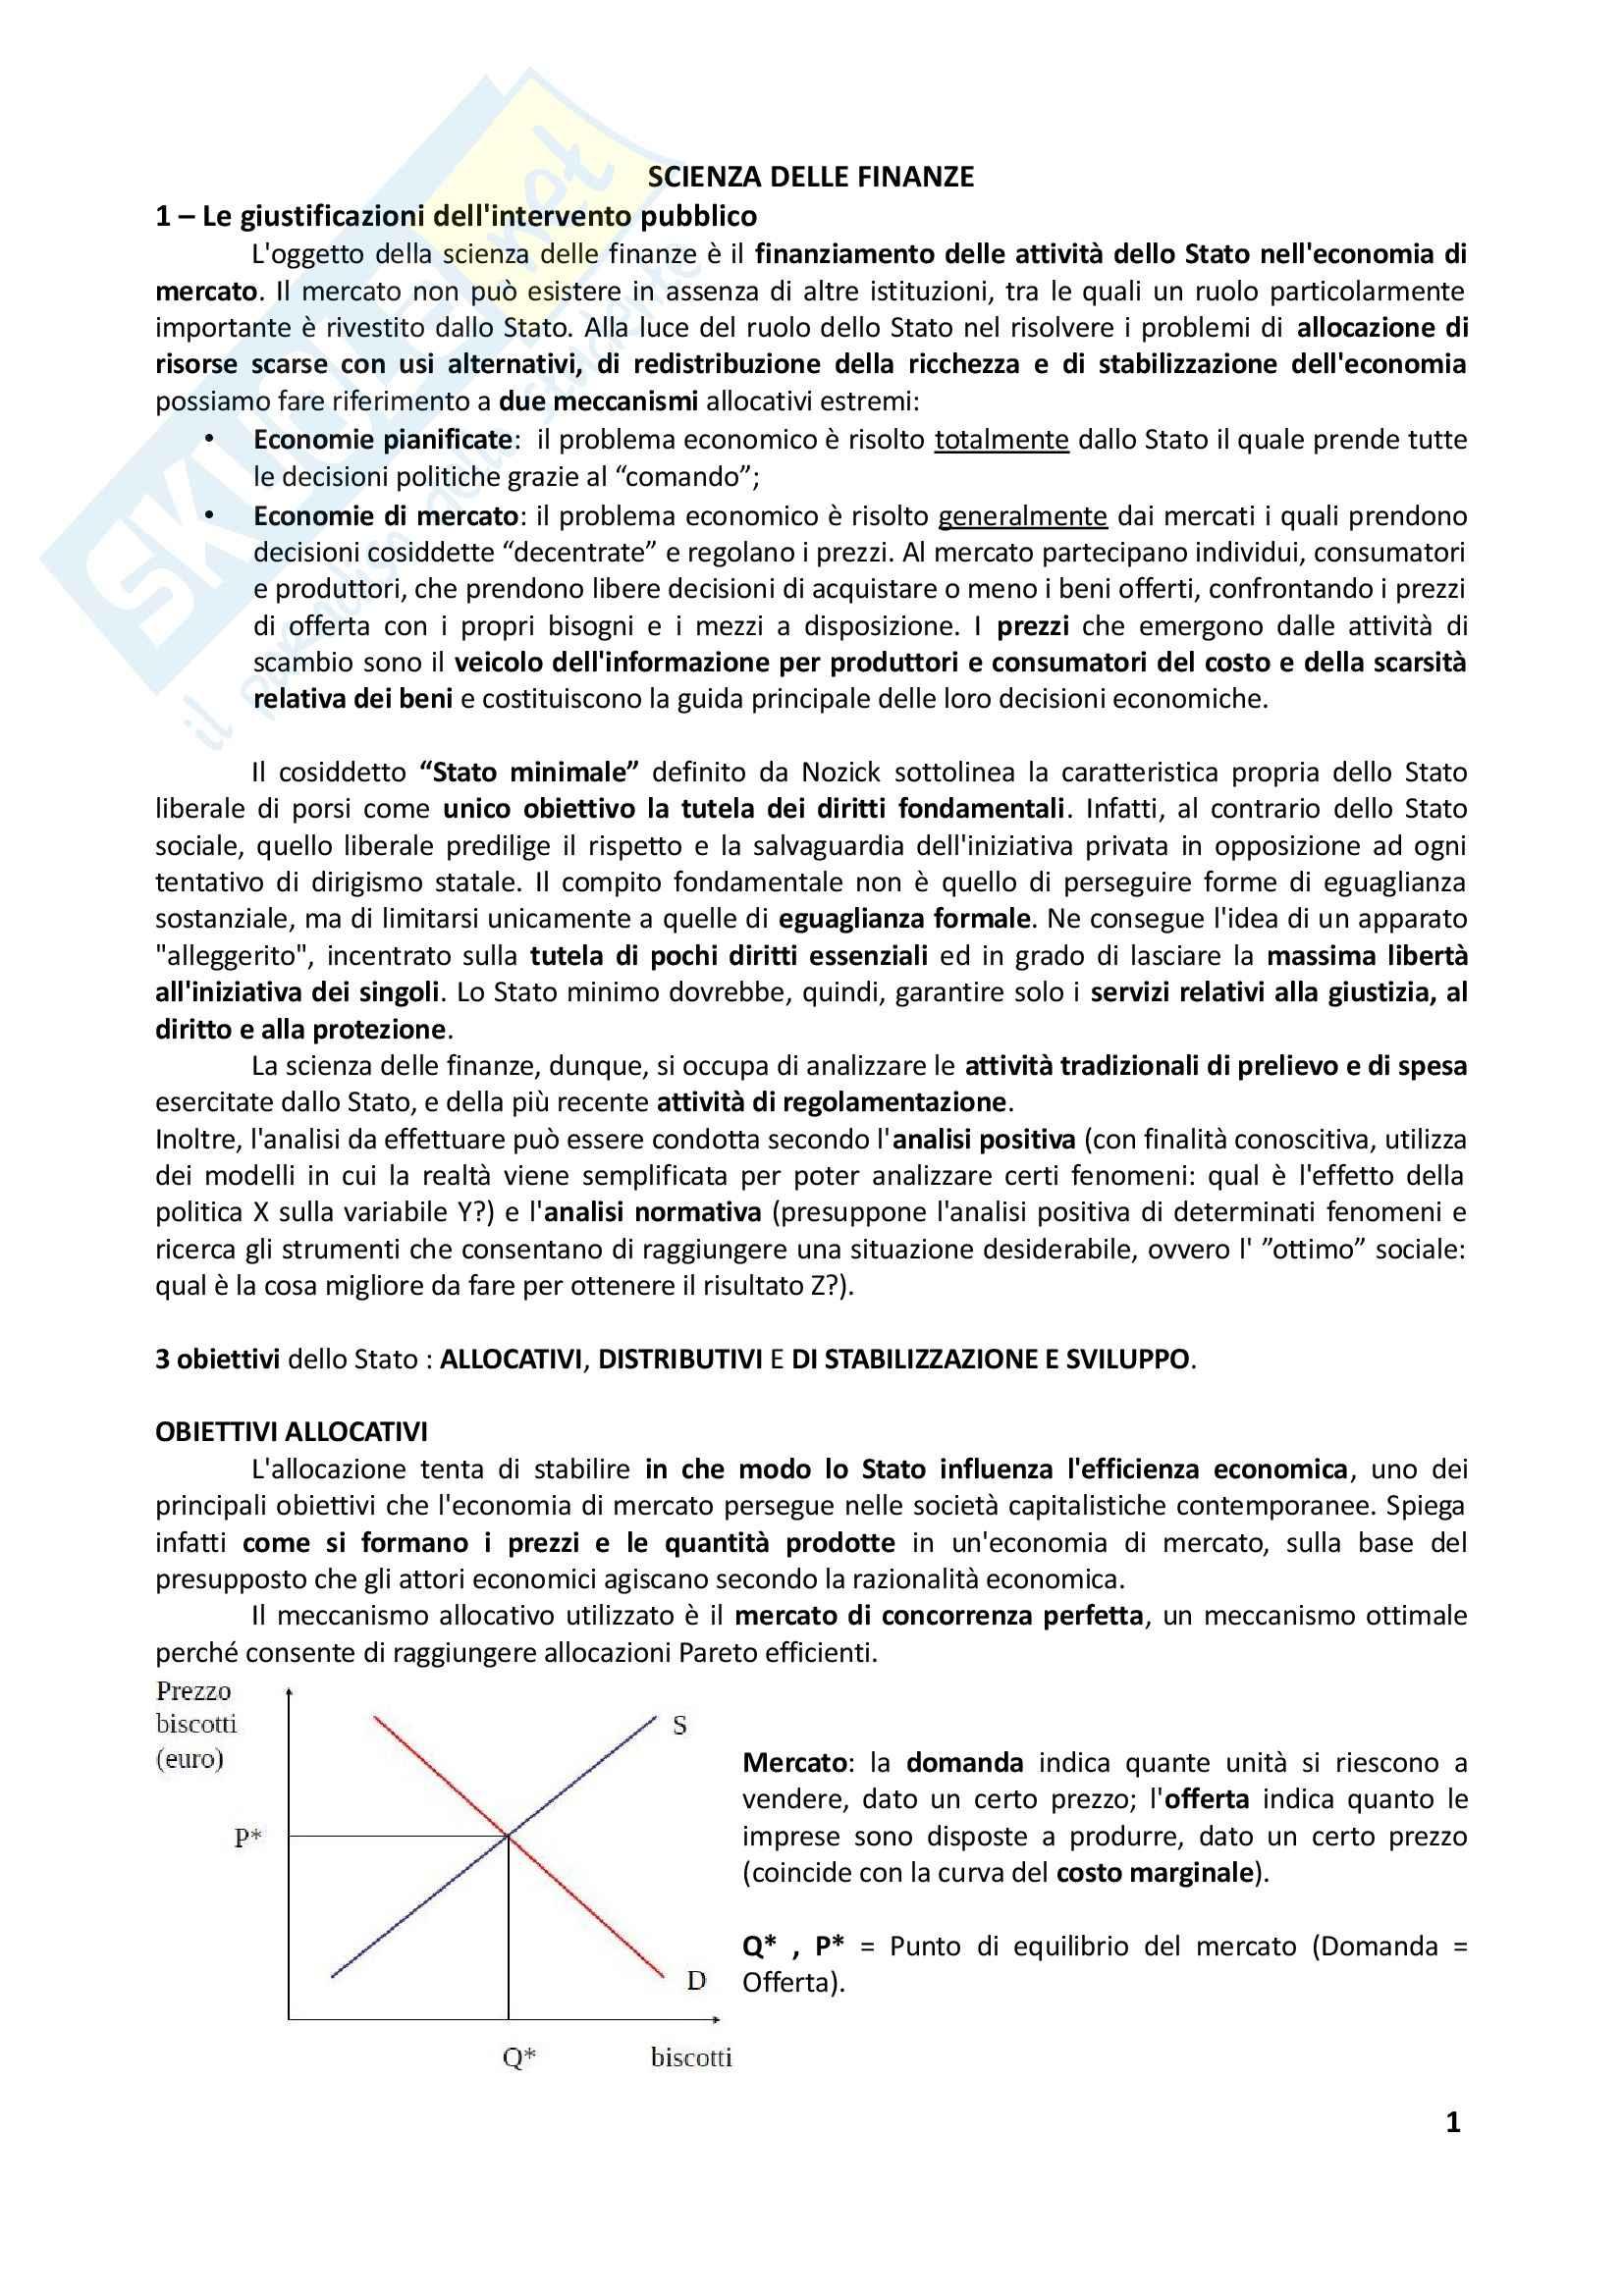 Riassunto esame Scienza delle Finanze, prof. Ferraresi